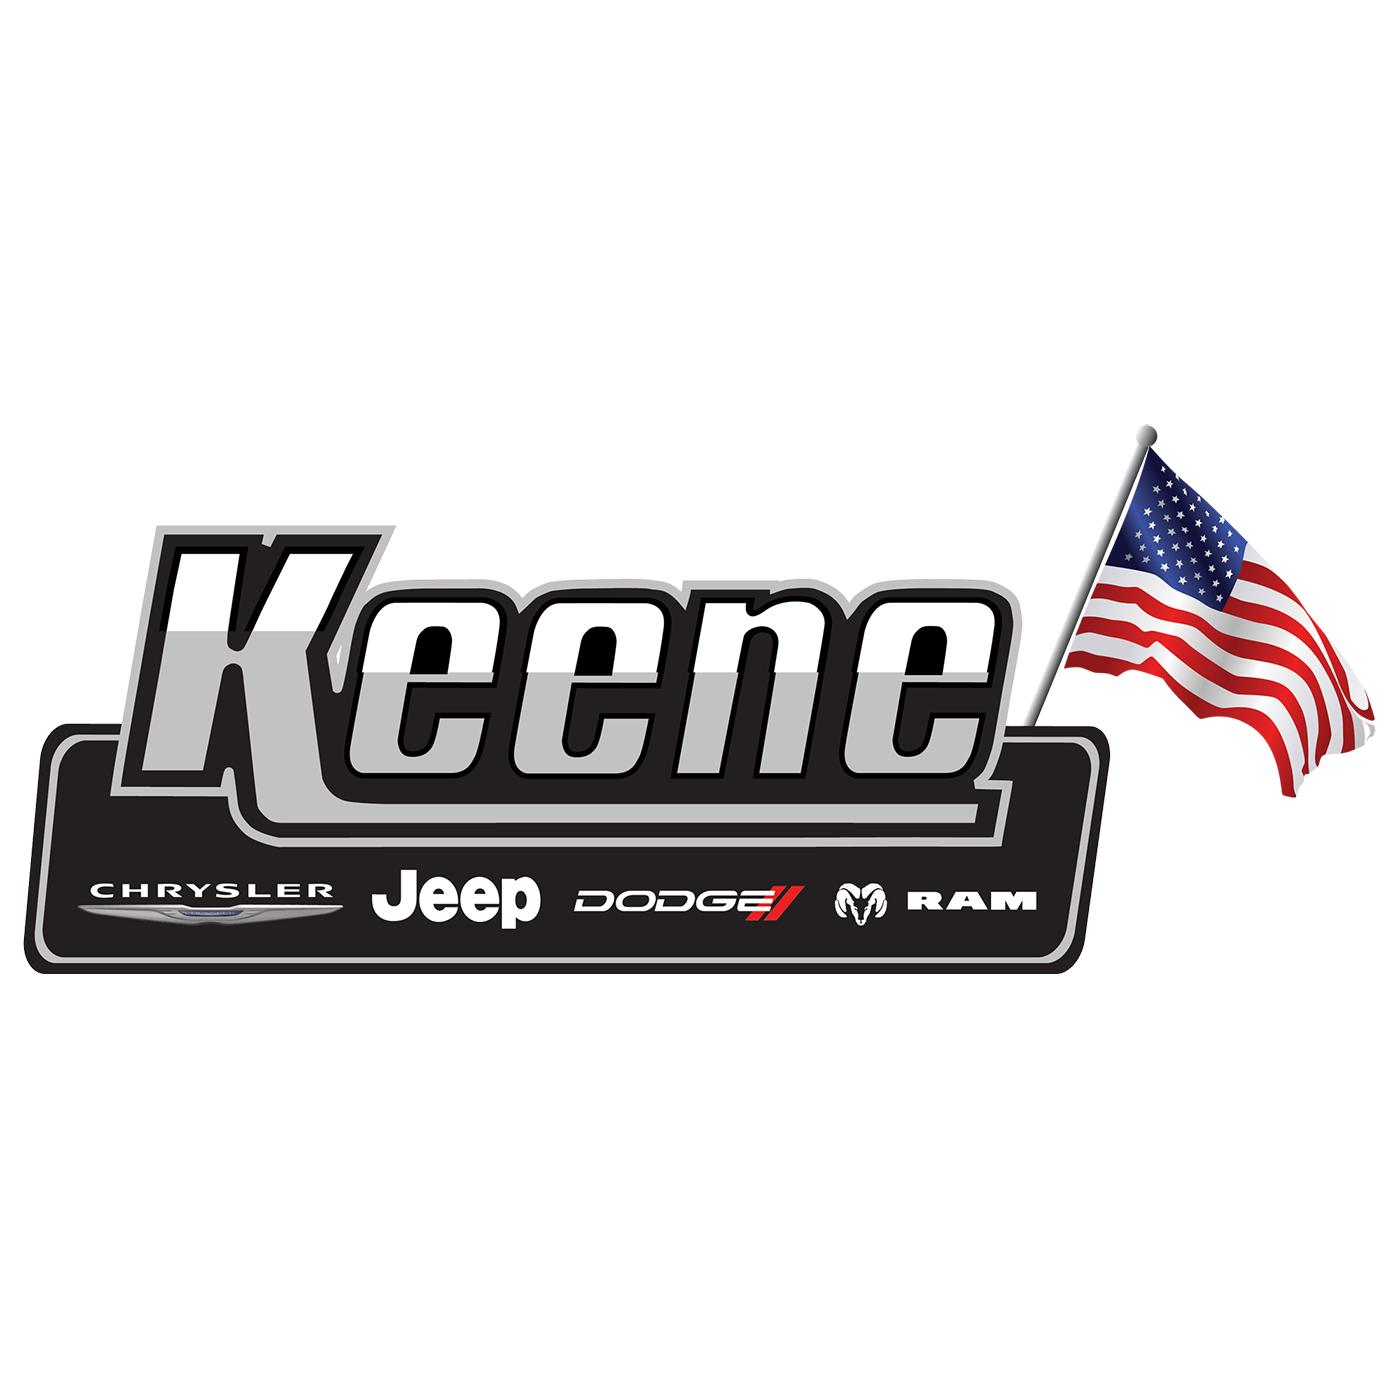 Keene Chrysler Dodge Jeep Ram